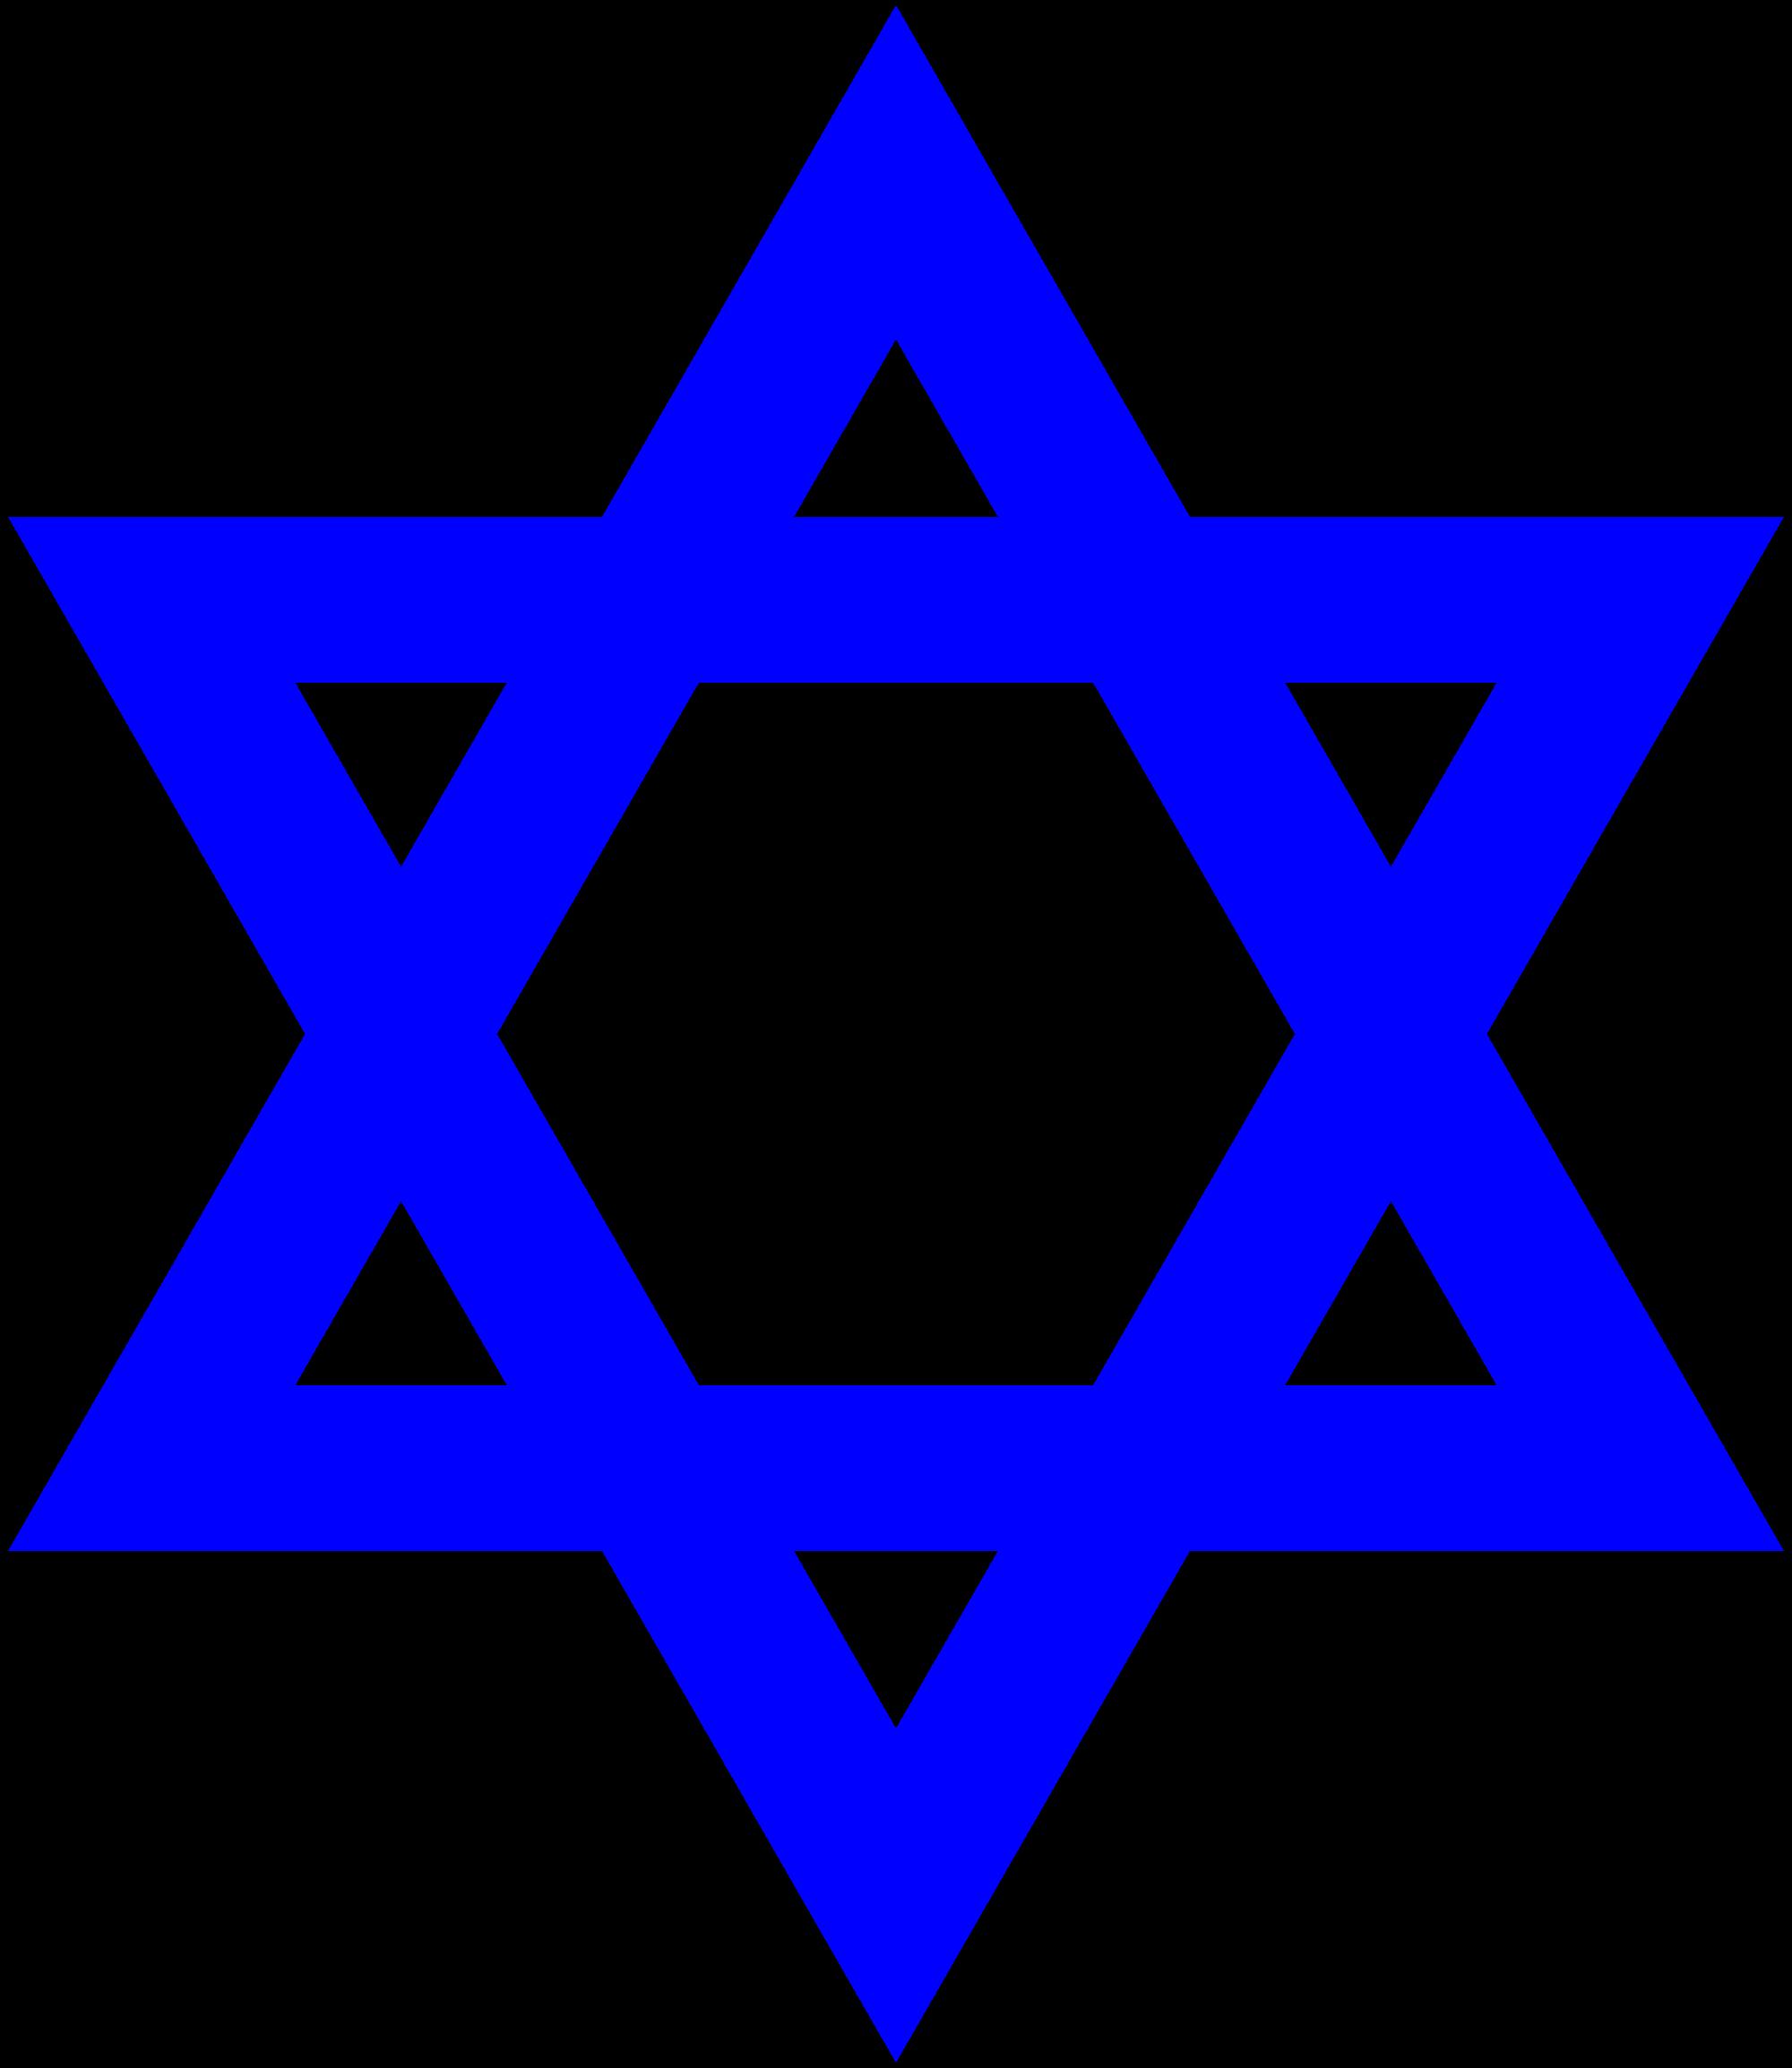 star of david wikipedia the free encyclopedia jewish tattoos rh pinterest com Dreidel Clip Art Star of David Holocaust